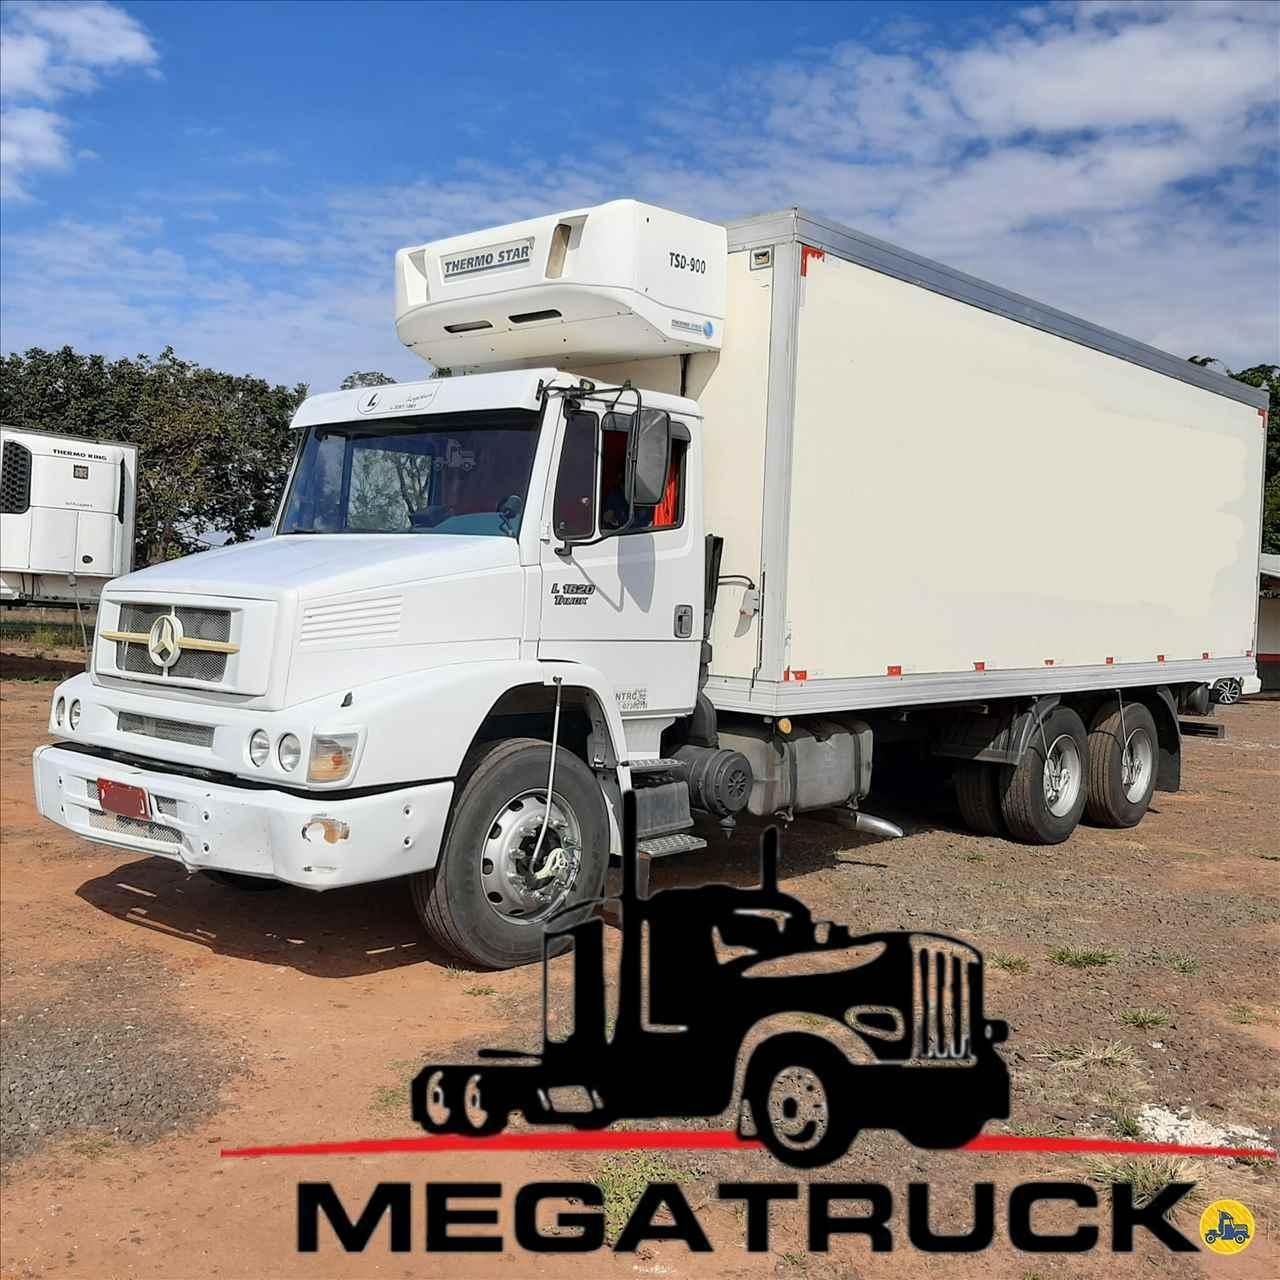 CAMINHAO MERCEDES-BENZ MB 1620 Baú Frigorífico Truck 6x2 Megatruck Caminhões e Máquinas CAMPO GRANDE MATO GROSSO DO SUL MS